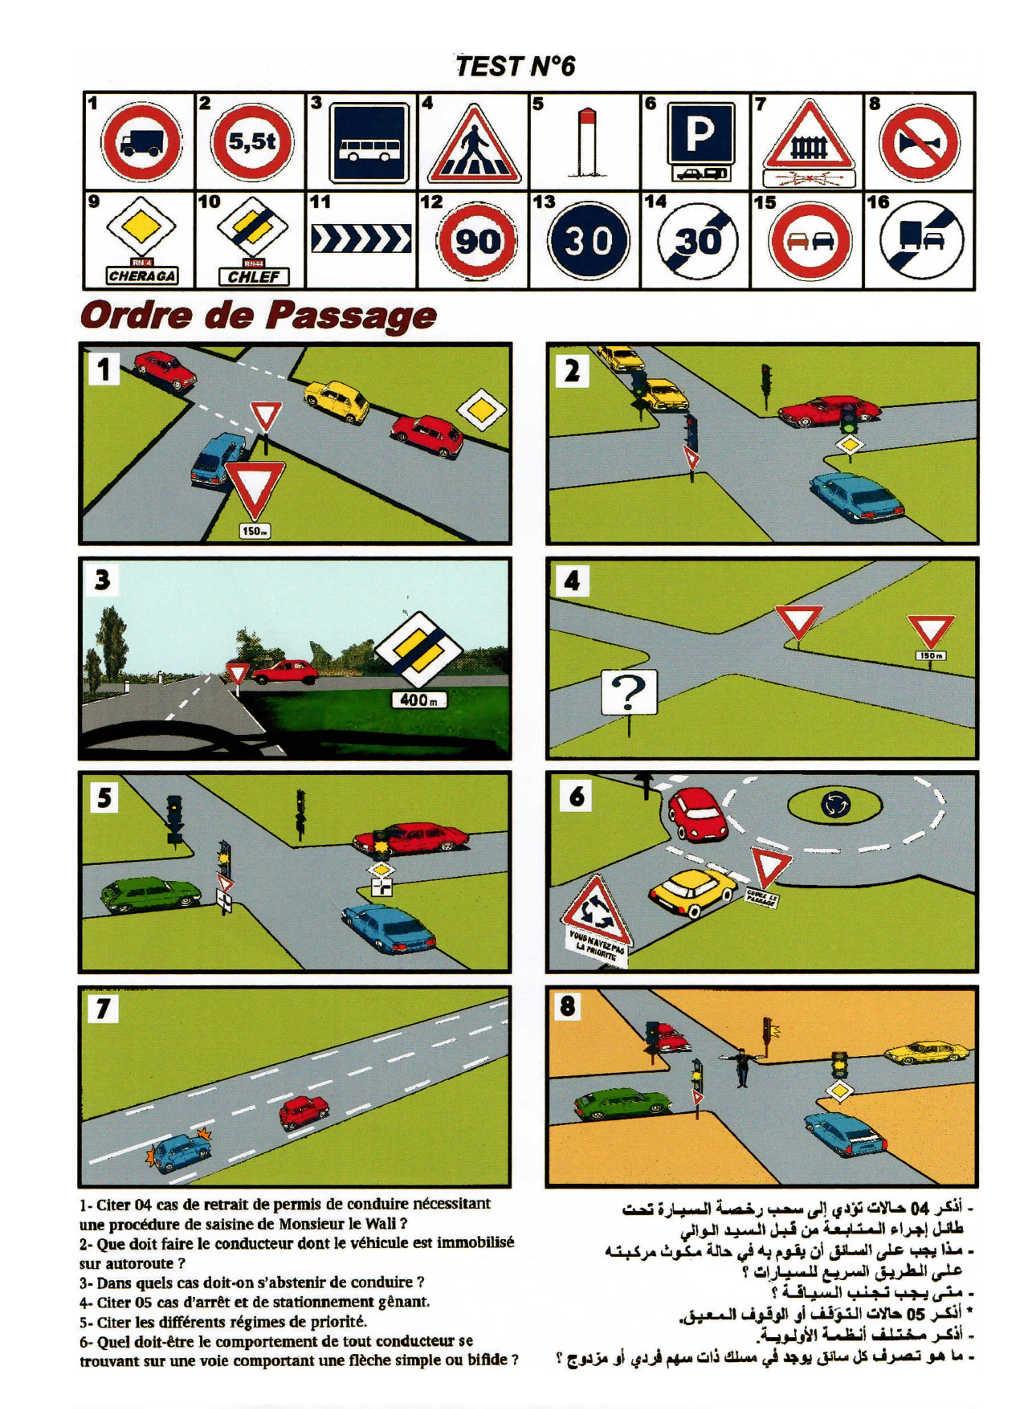 كتاب امتحان رخصة السياقة - الصفحة 6